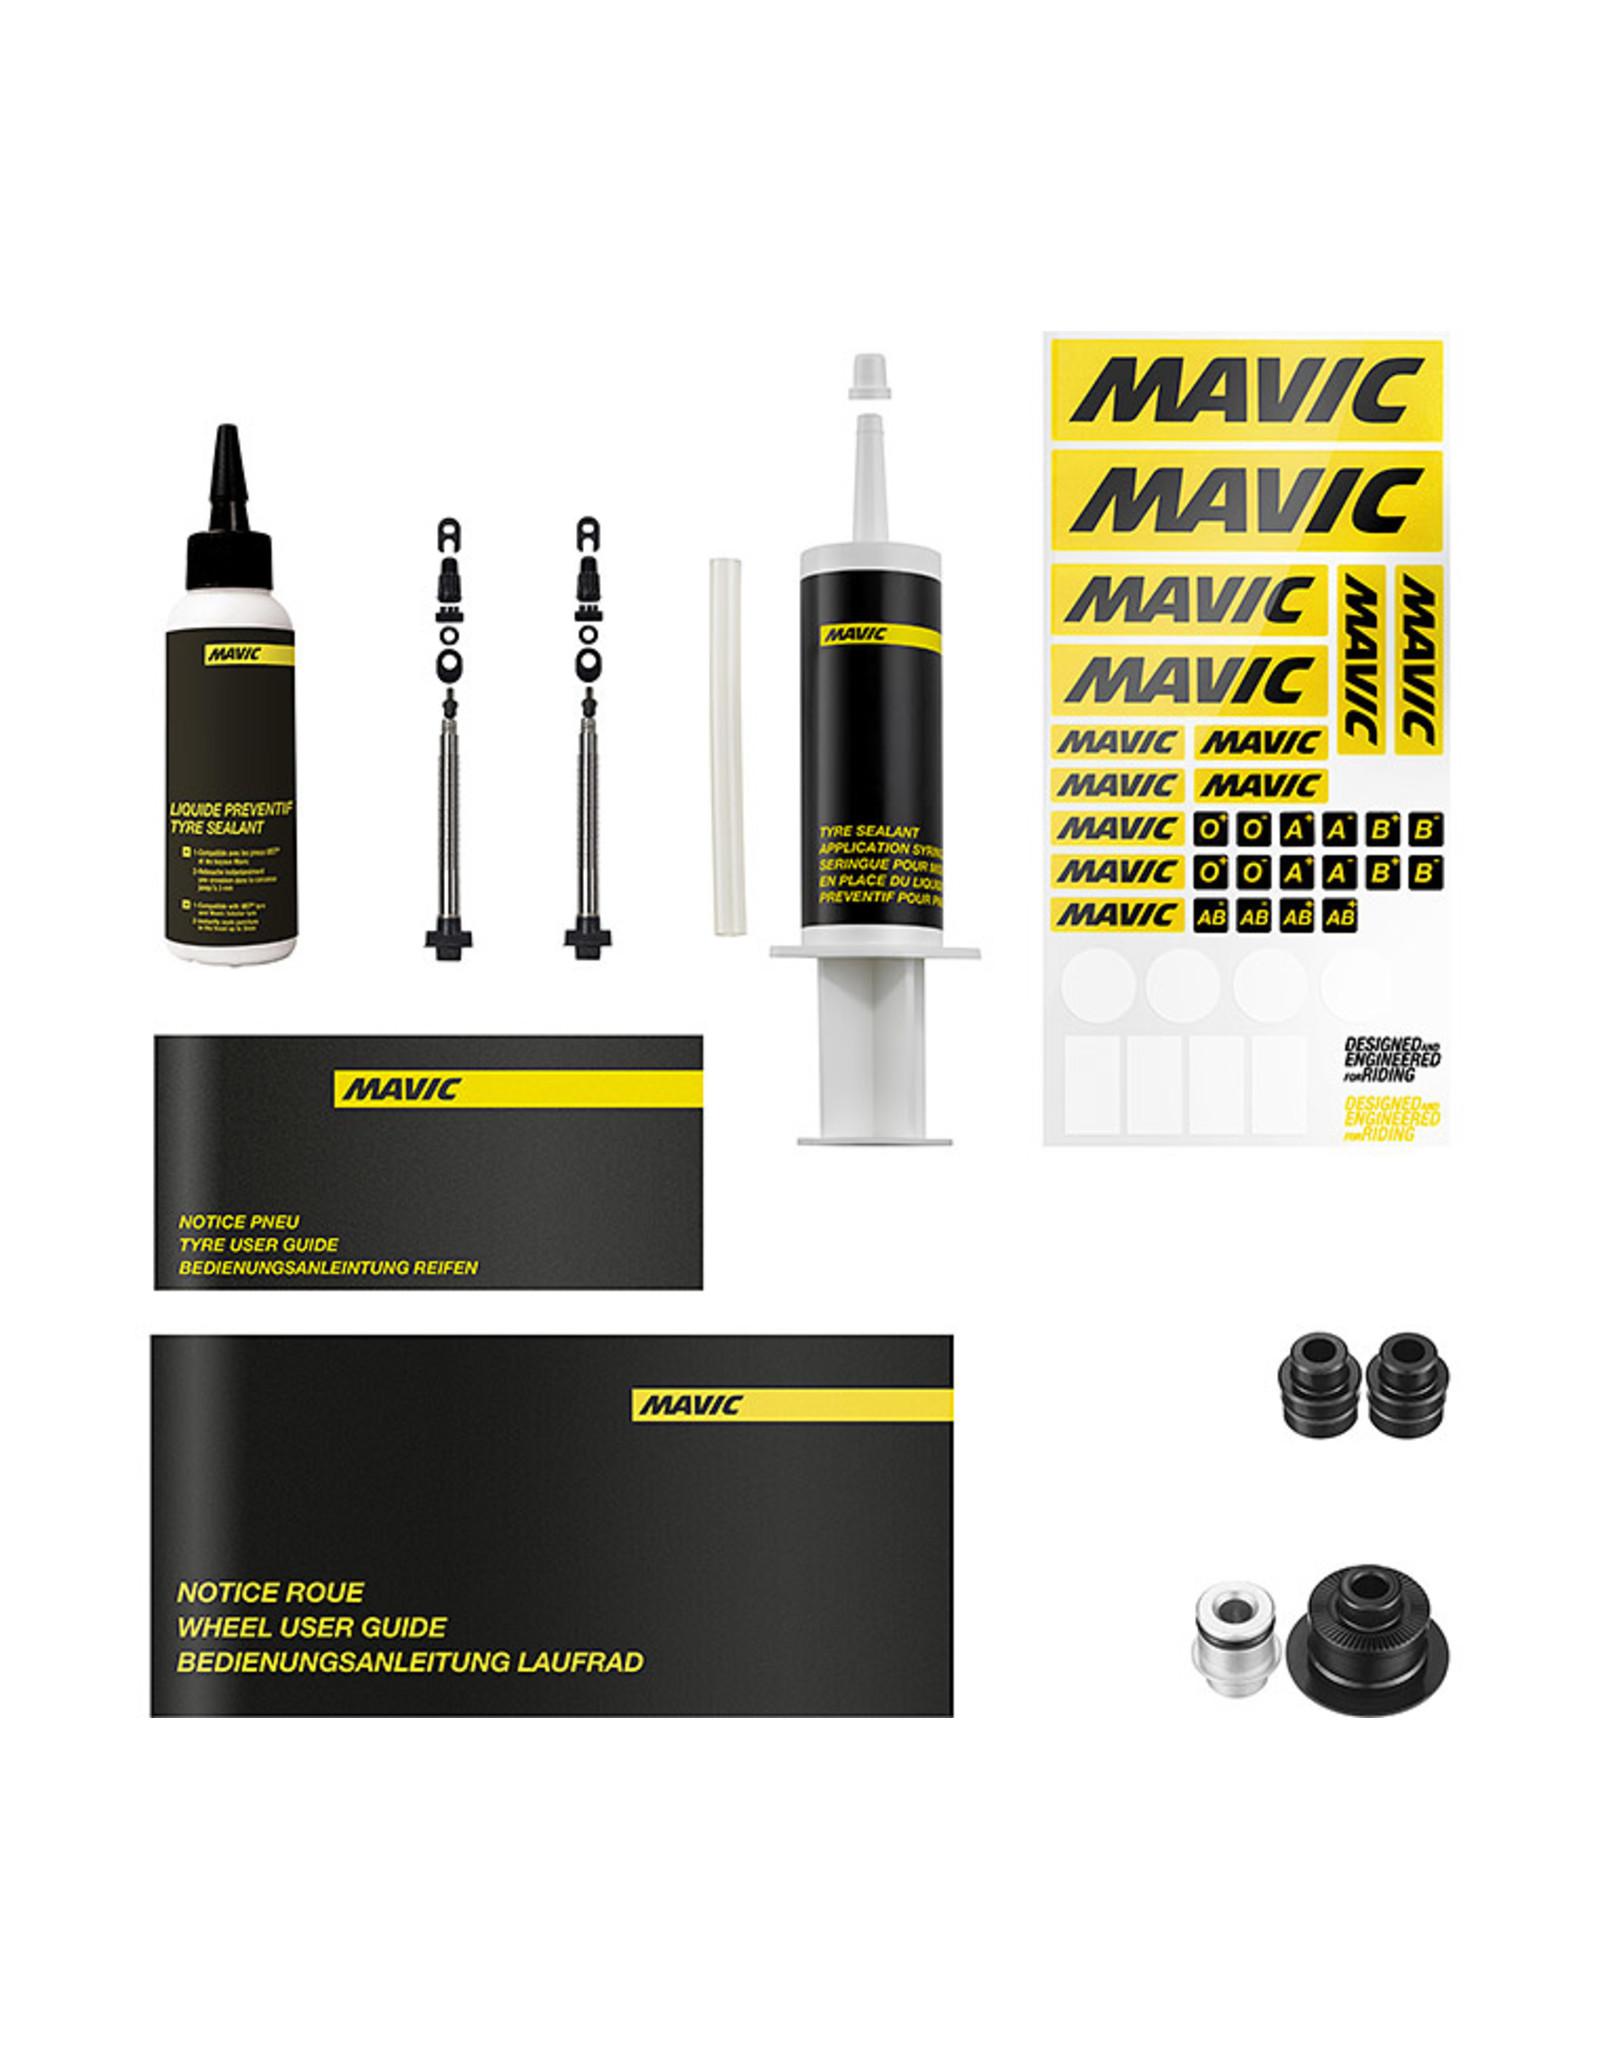 Mavic Roue Pro Ksyrium pro carbone ust front disque